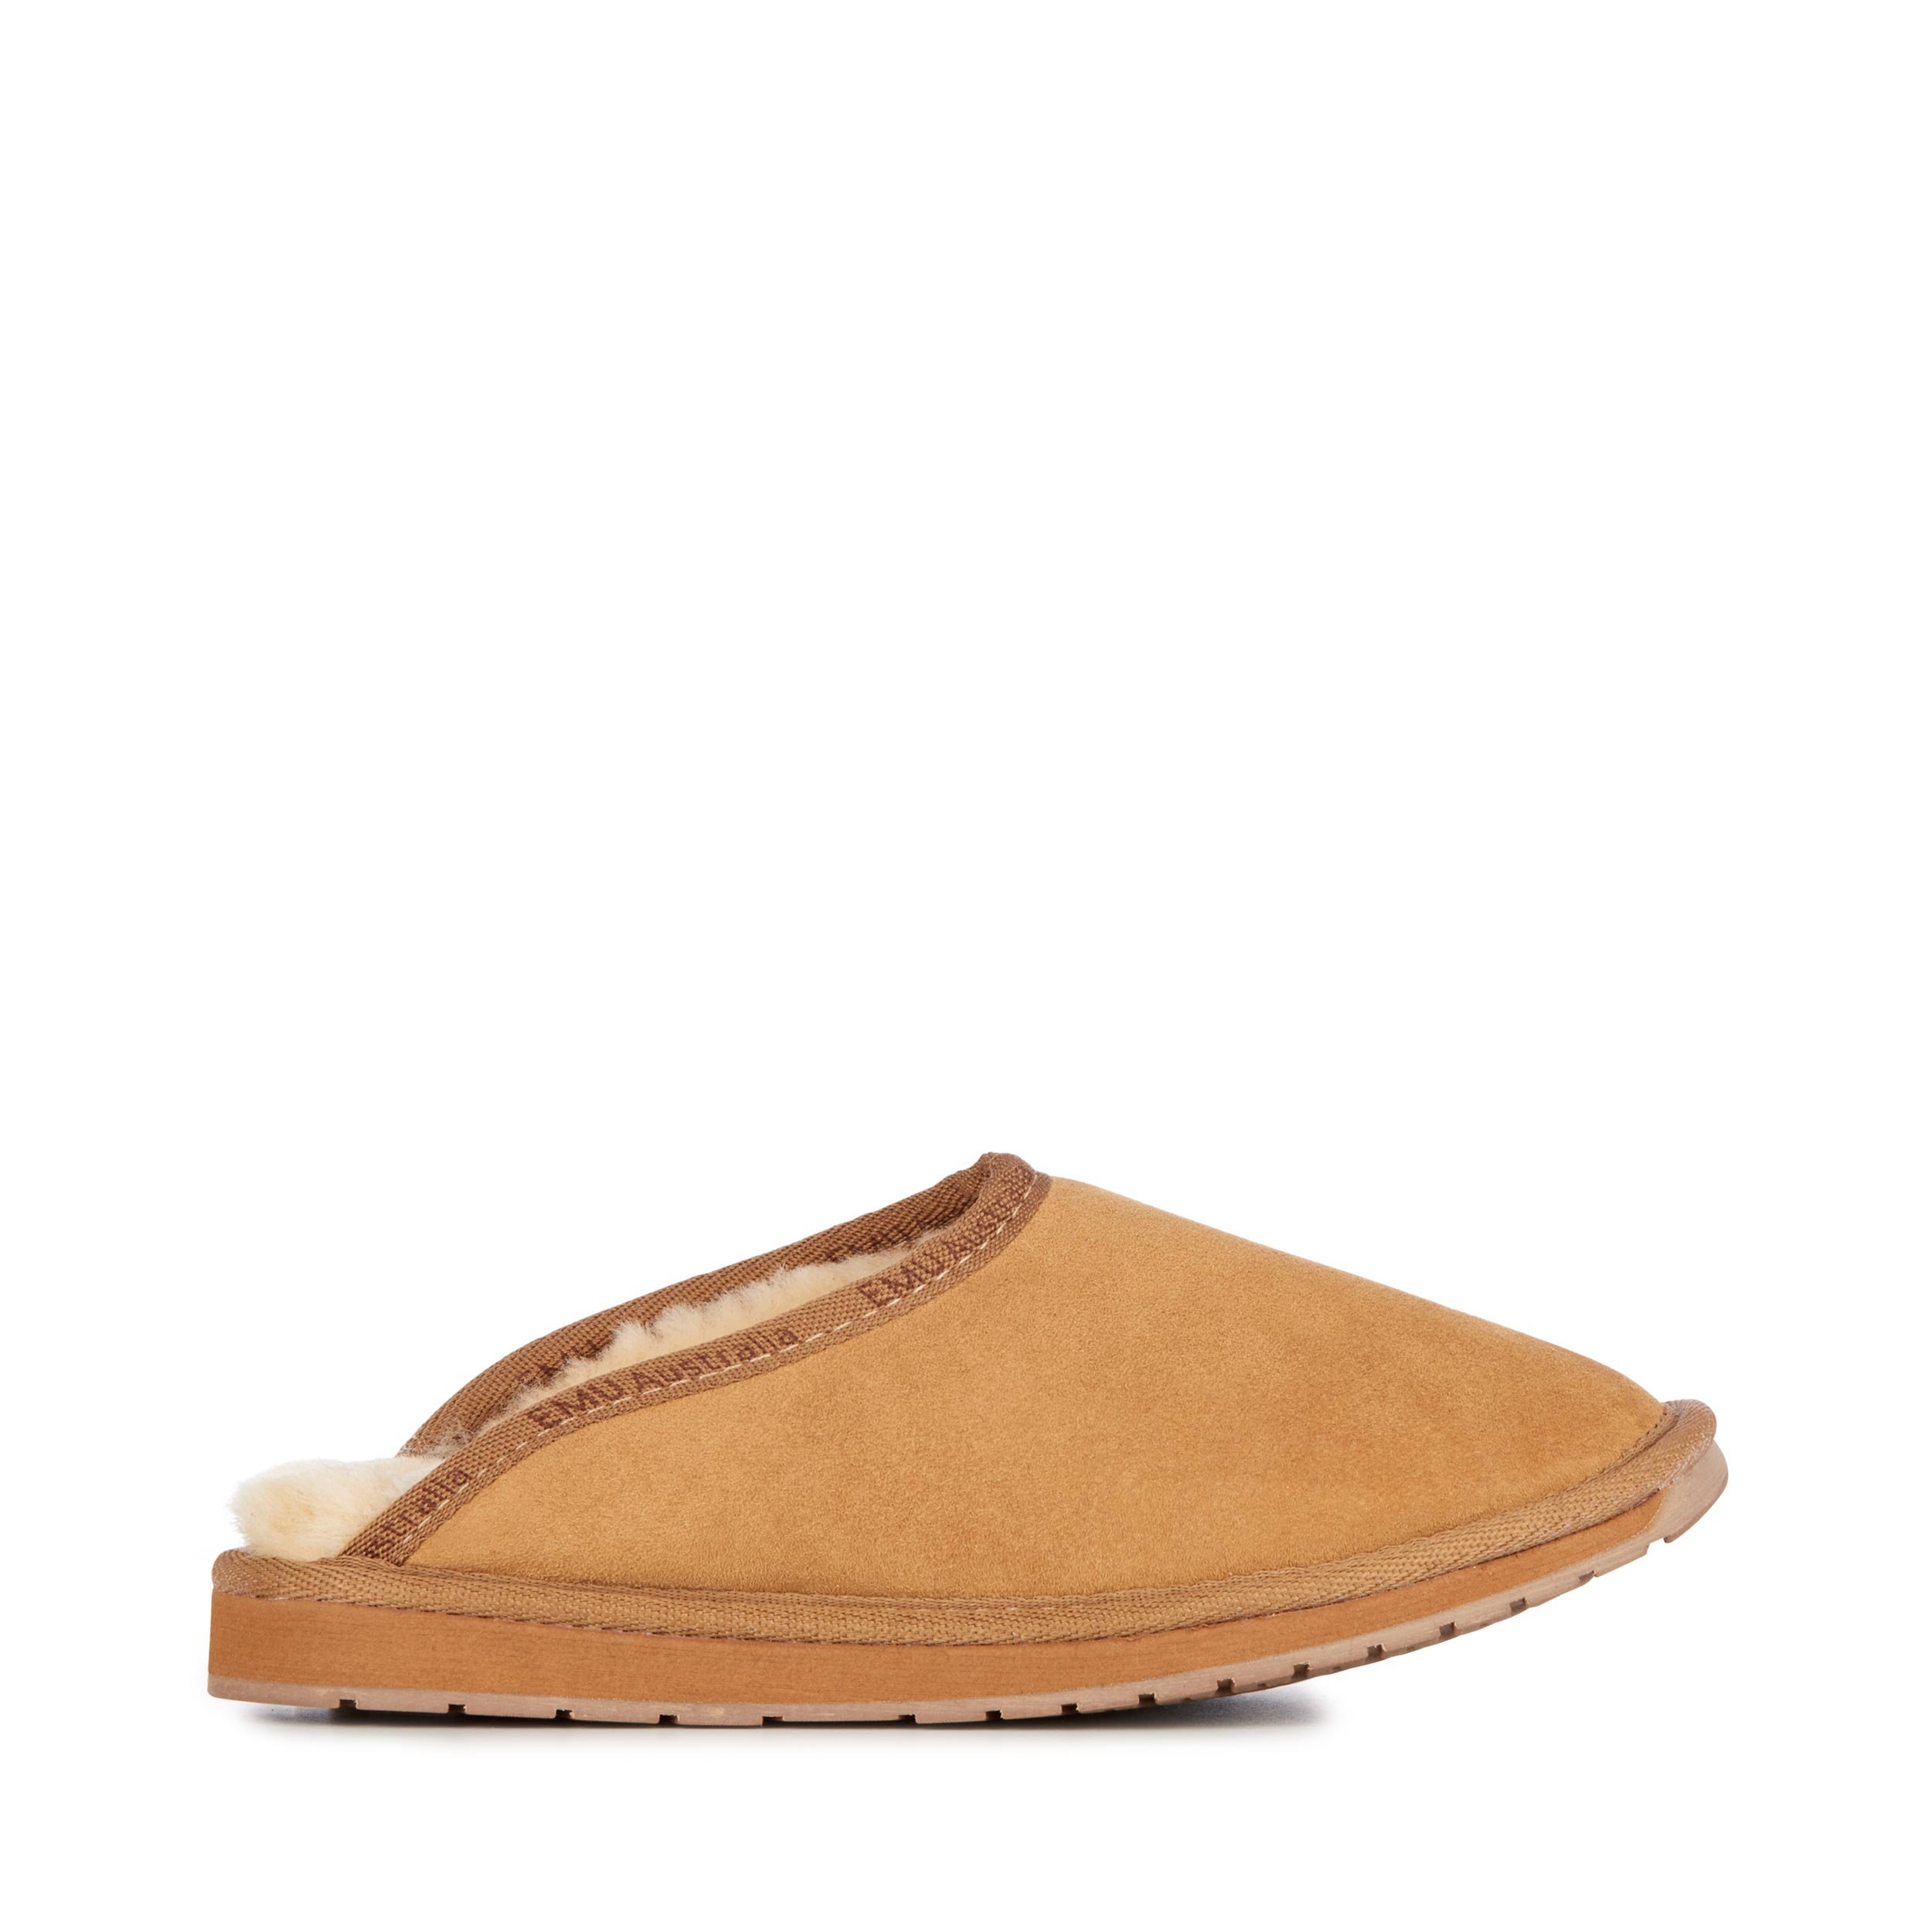 EMU Australia Mens Slippers Platinum Esperence Sheepskin Slipper Size 9